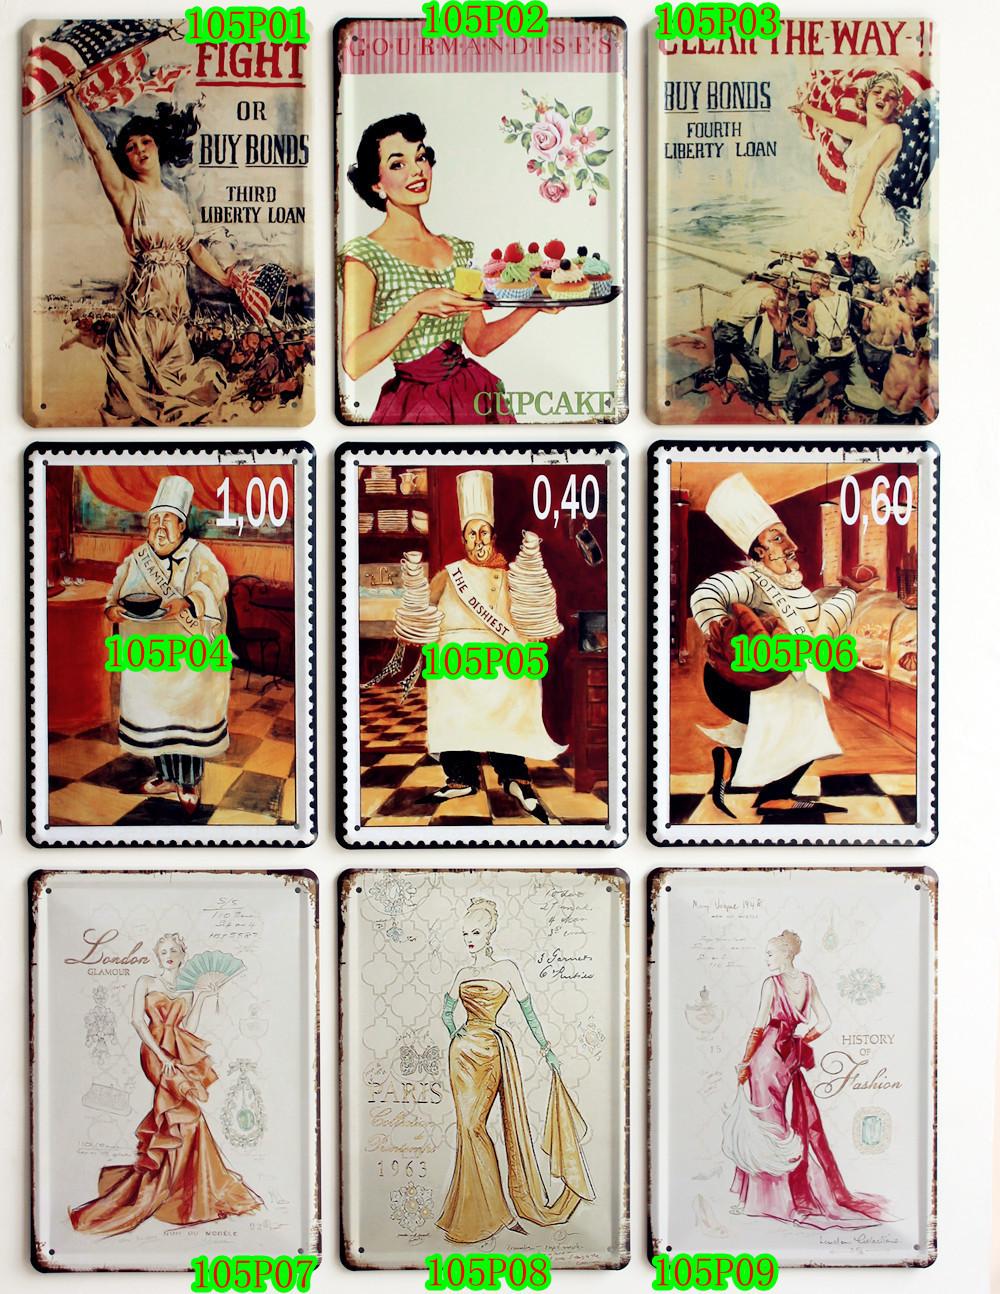 Vintage Eminem Poster Aliexpress com   buy hot gourmandises  amp  cupcake    Vintage Eminem Poster